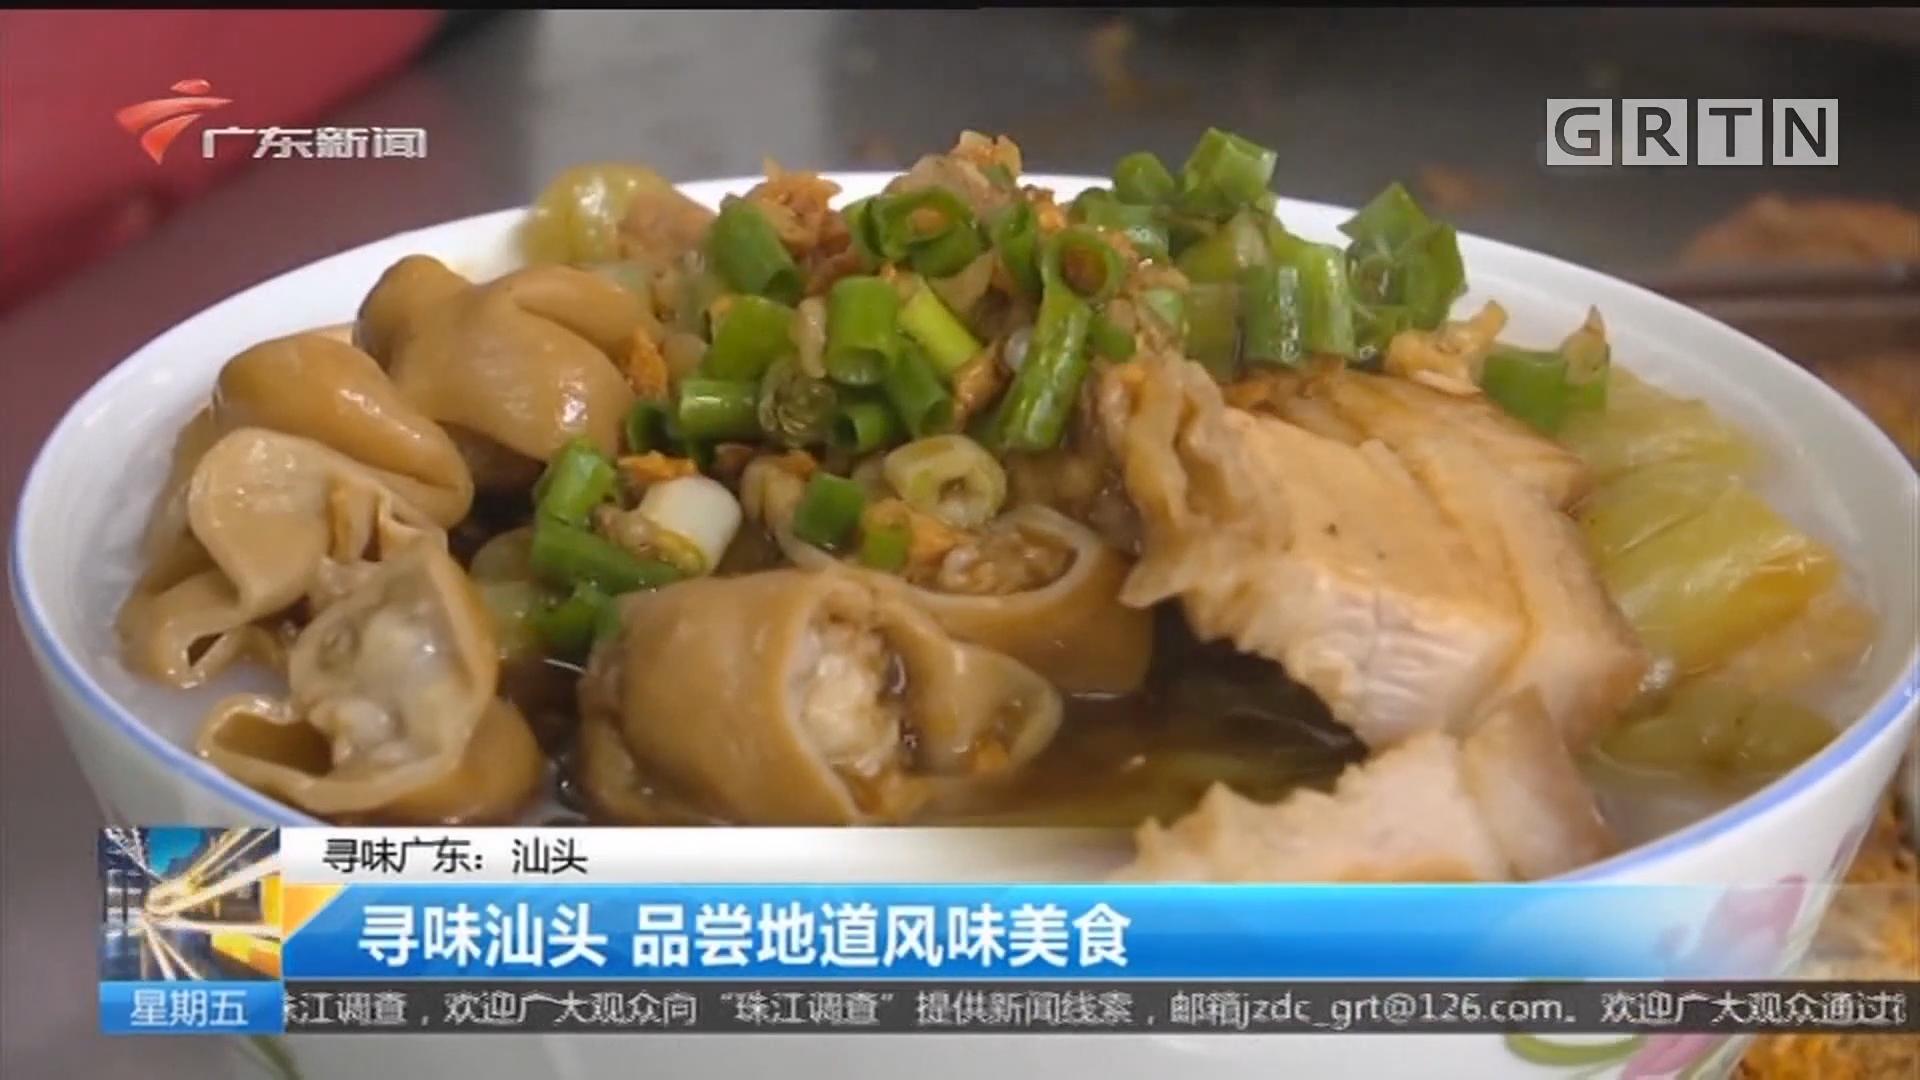 寻味广东:汕头 寻味汕头 品尝地道风味美食